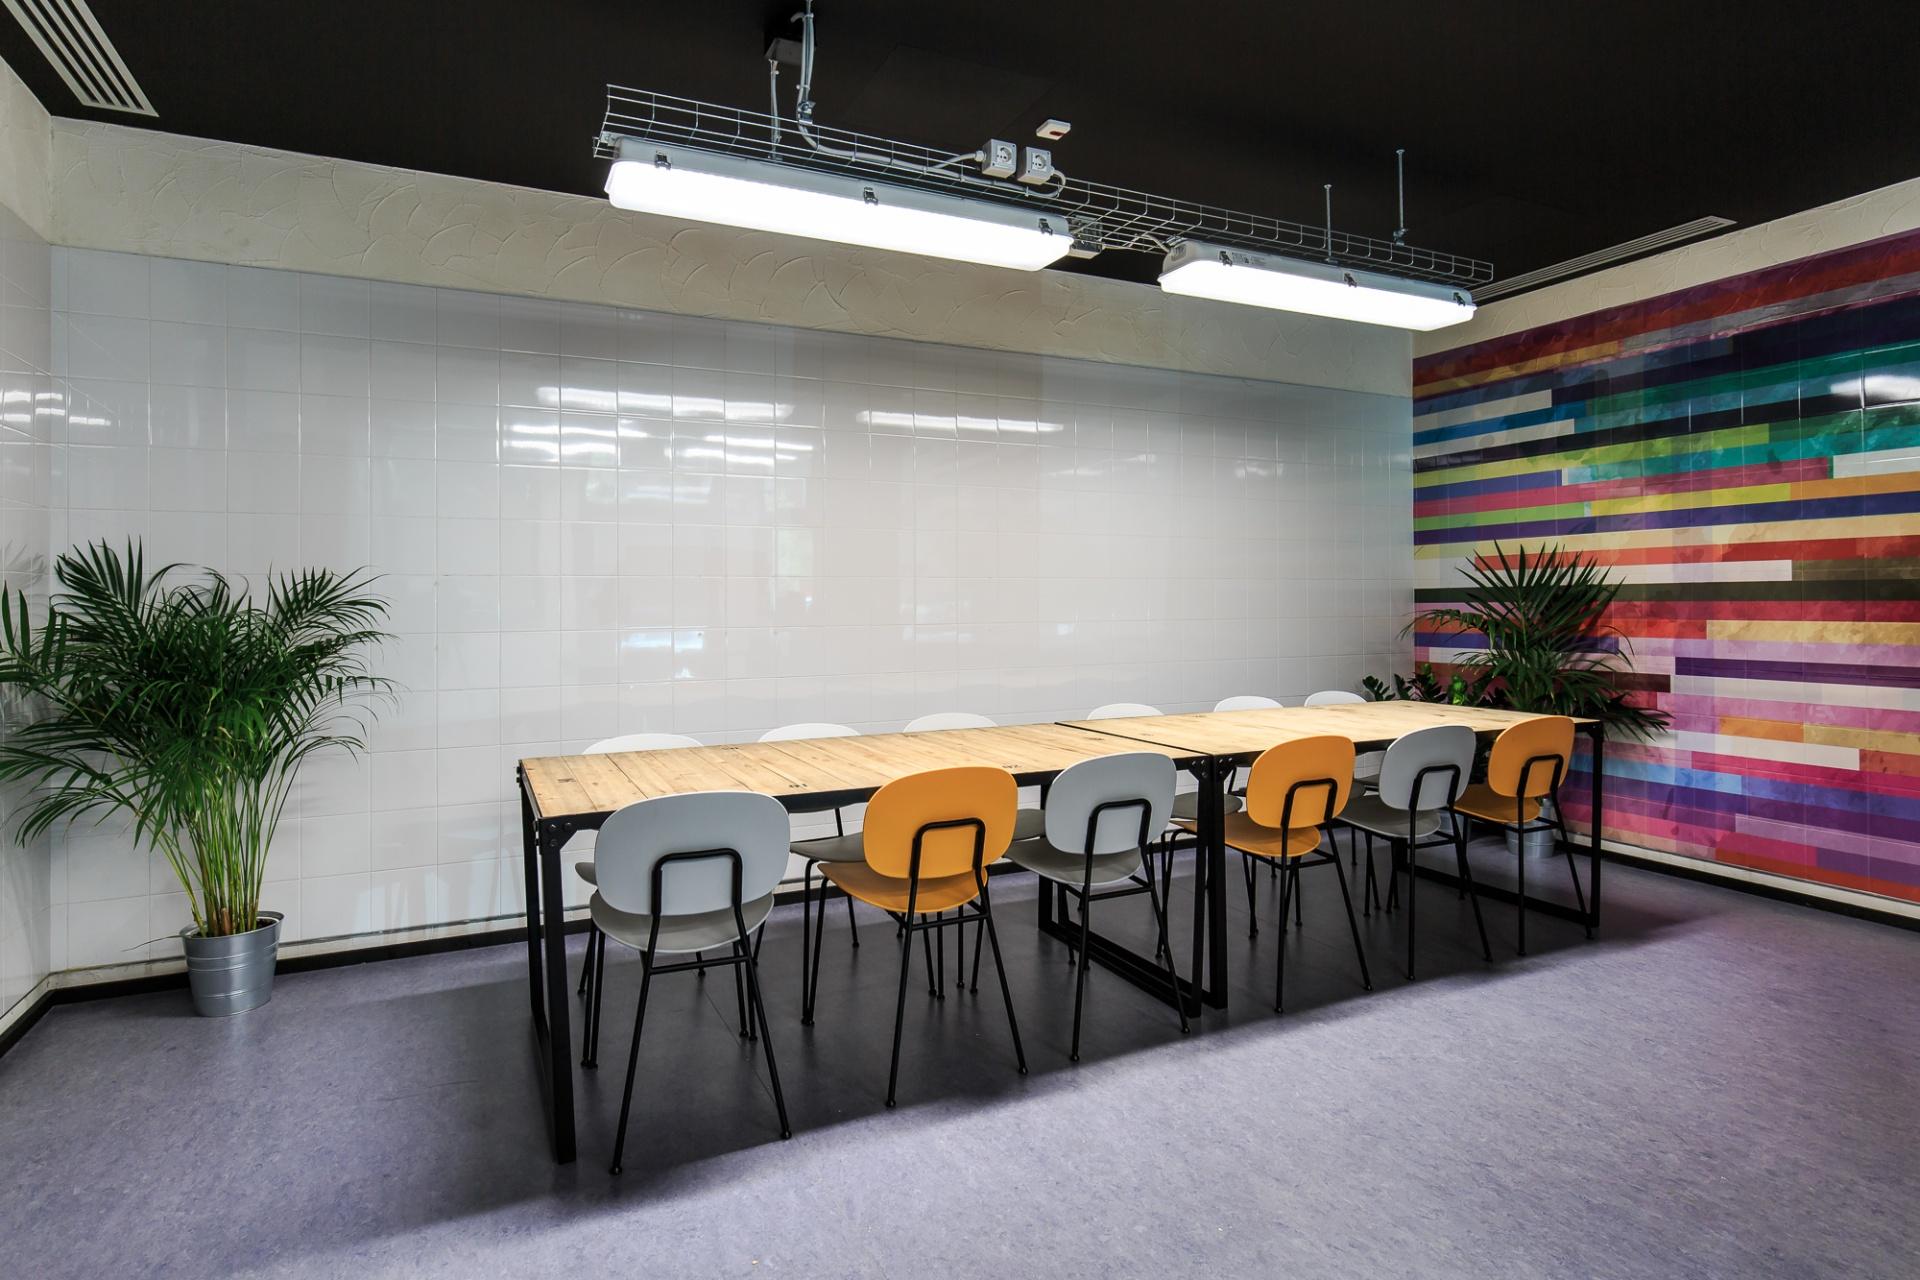 Workplace Gellify, Fotografo di interni arredamento design | Servizio fotografico di interni design del nuovo headquarter della Gellify prima piattaforma di innovazione dedicata al B2B, start-up, aziende